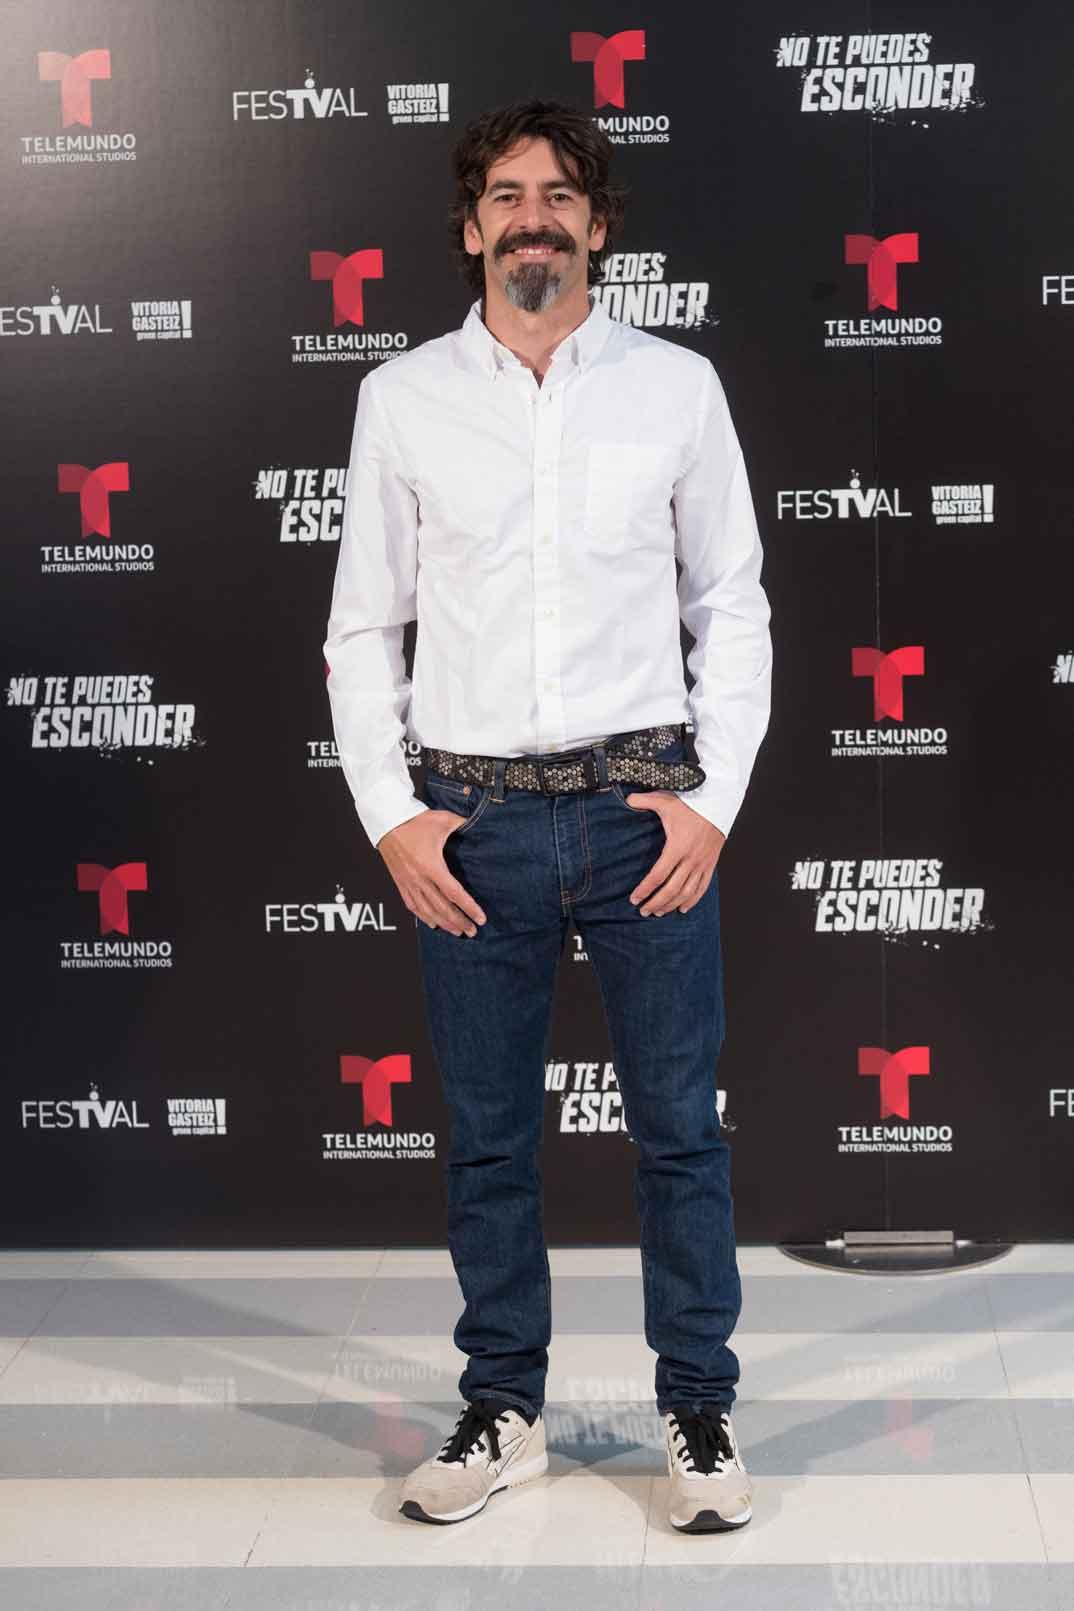 Eduardo Noriega - No te puedes esconder © FesTVal 2019